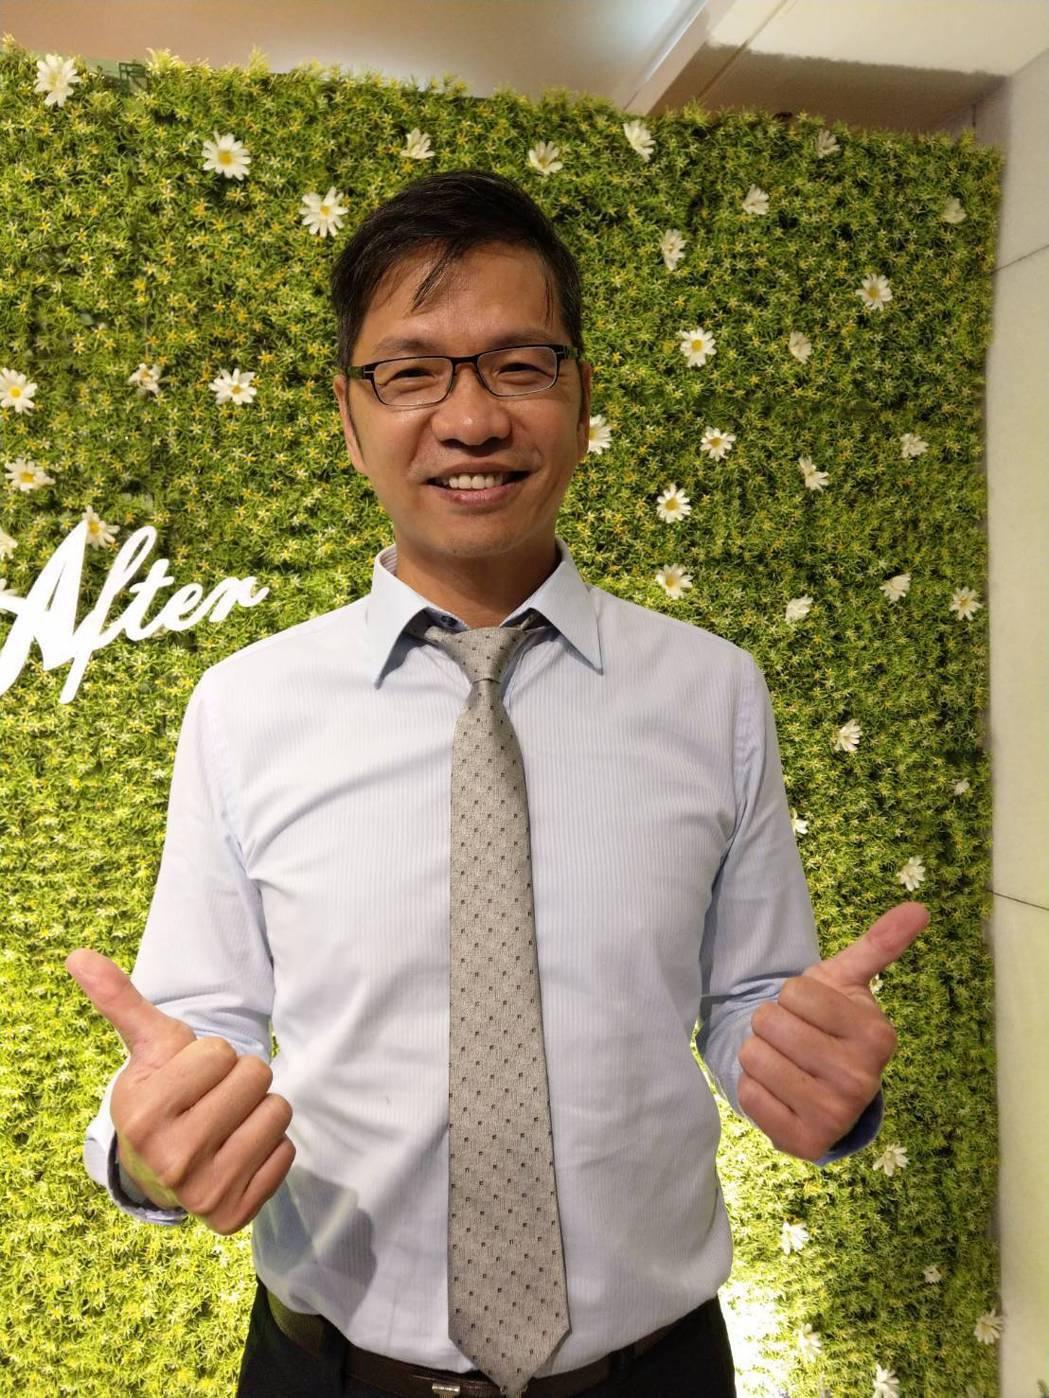 「興連城建設」經營者周惠賓擁有27年豐厚房地產銷售經驗,在高雄推案售屋實績超過2...